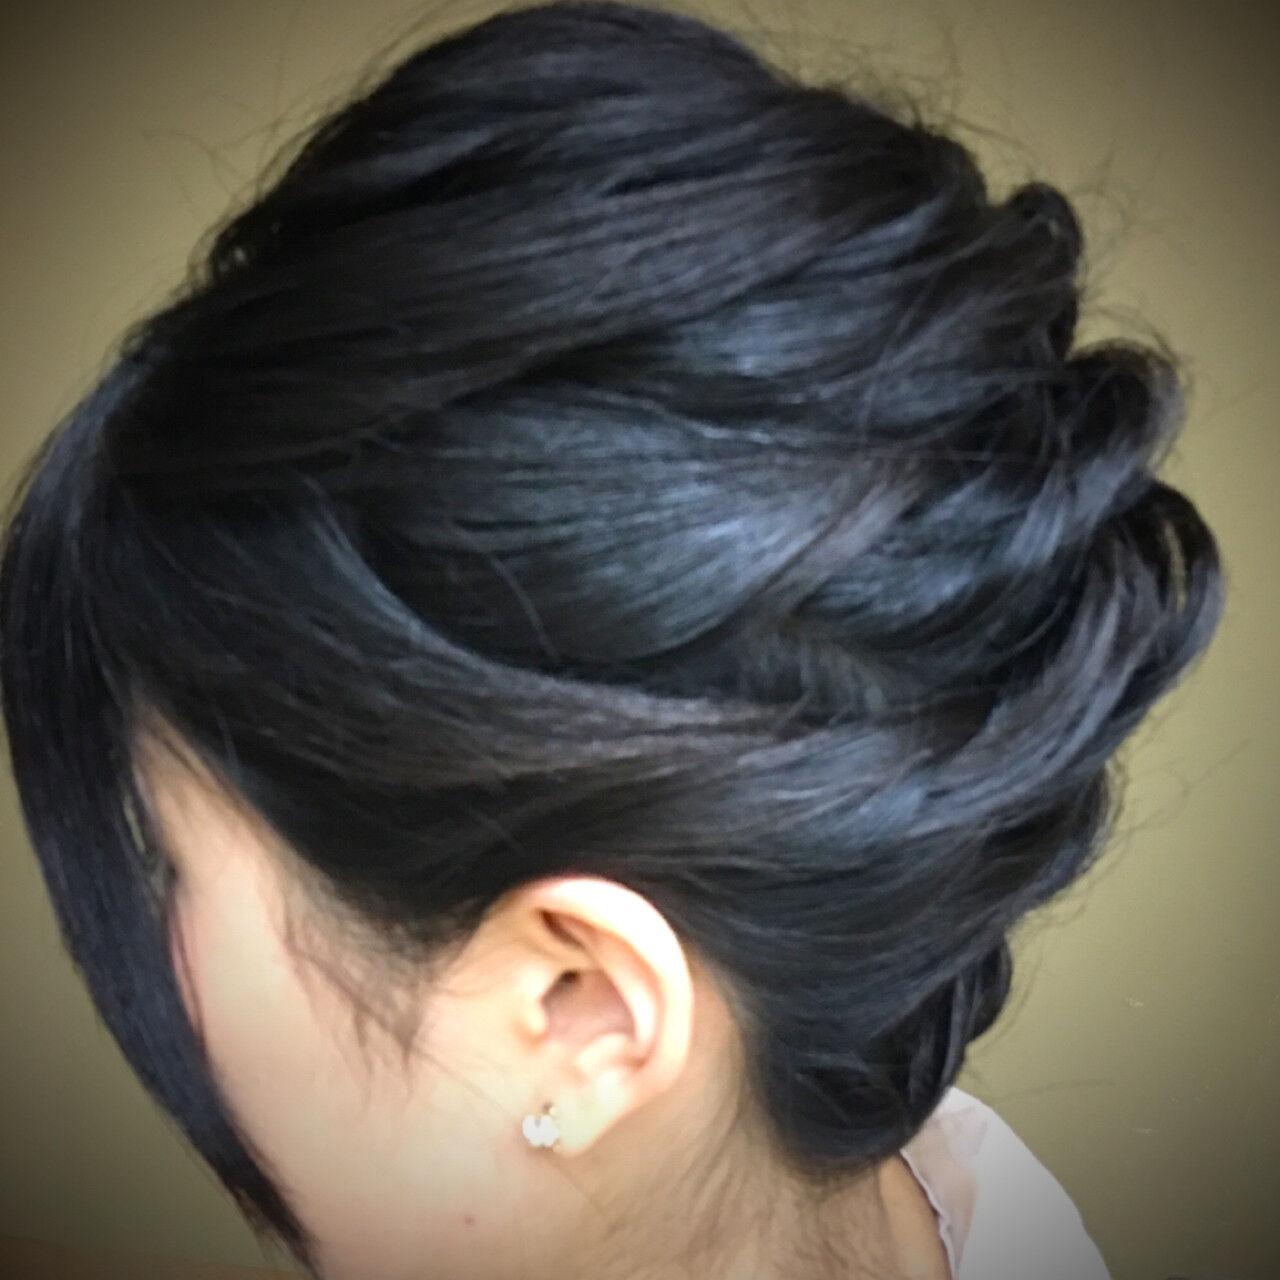 暗髪 ナチュラル ヘアアレンジ ボブヘアスタイルや髪型の写真・画像